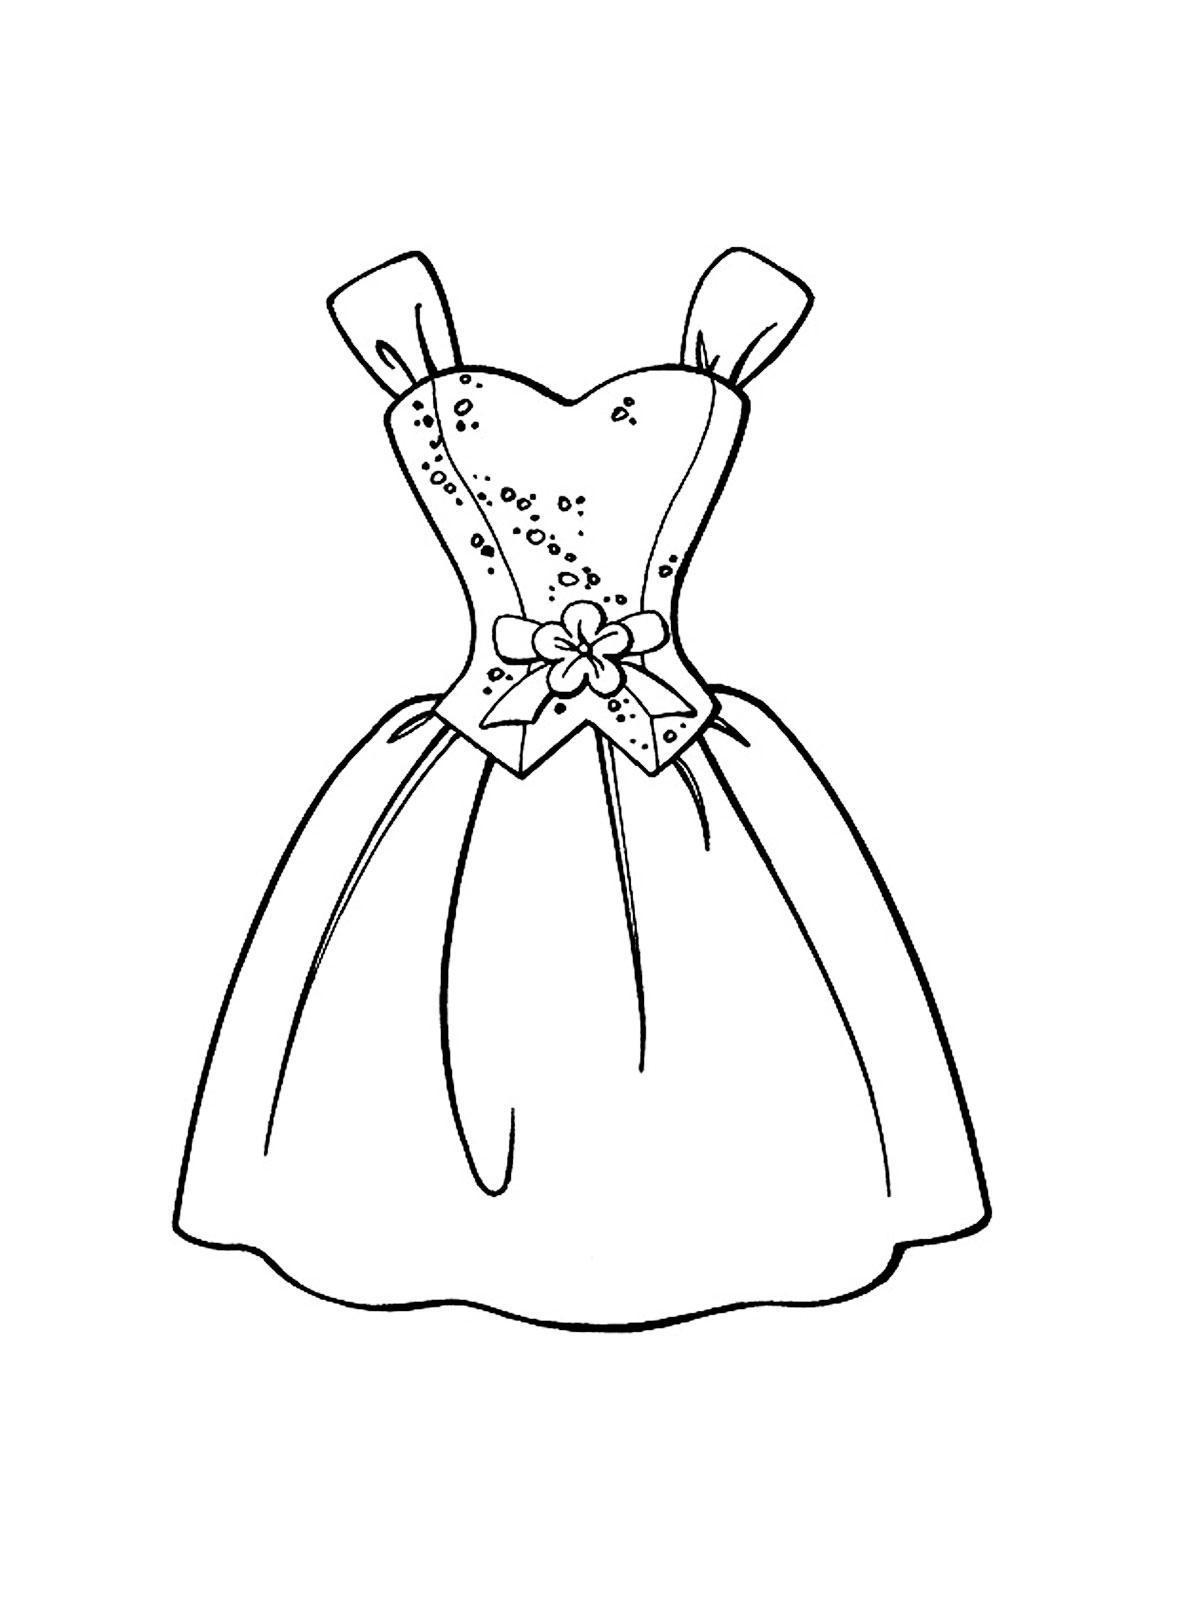 Платье с цветком с карсетом Раскраски для девочек распечатать